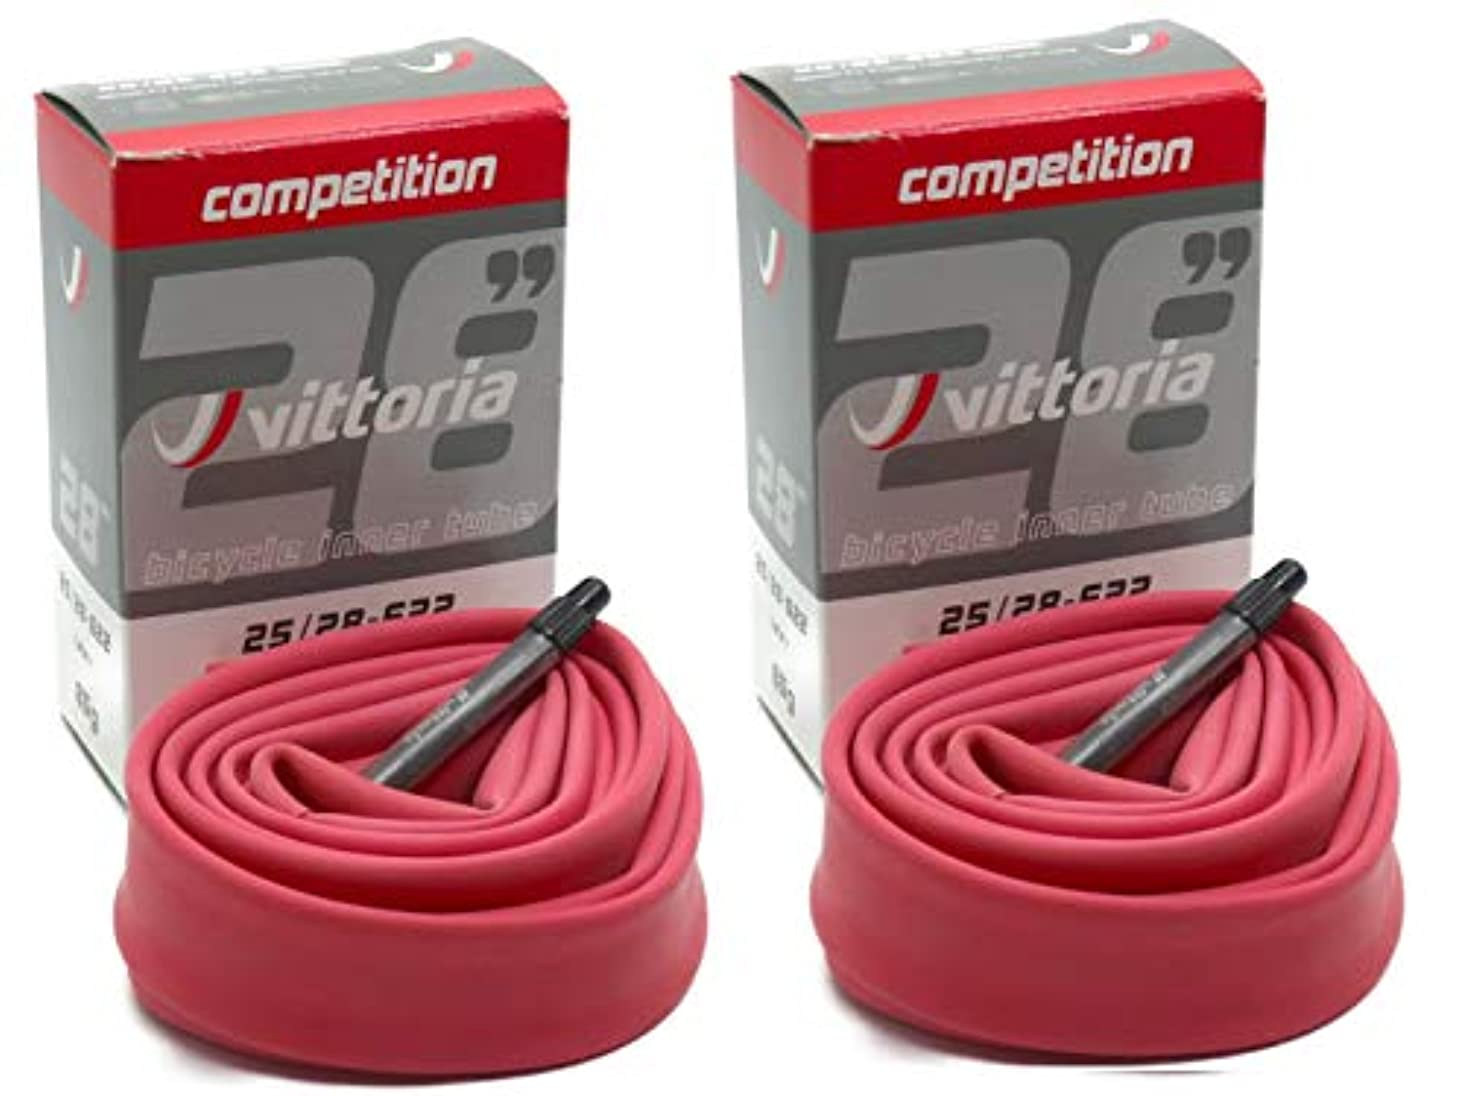 手数料嬉しいです分注するVittoria Latex ラテックス チューブ 2個セット RVC 700c 仏式48mm ビットリア [並行輸入品]